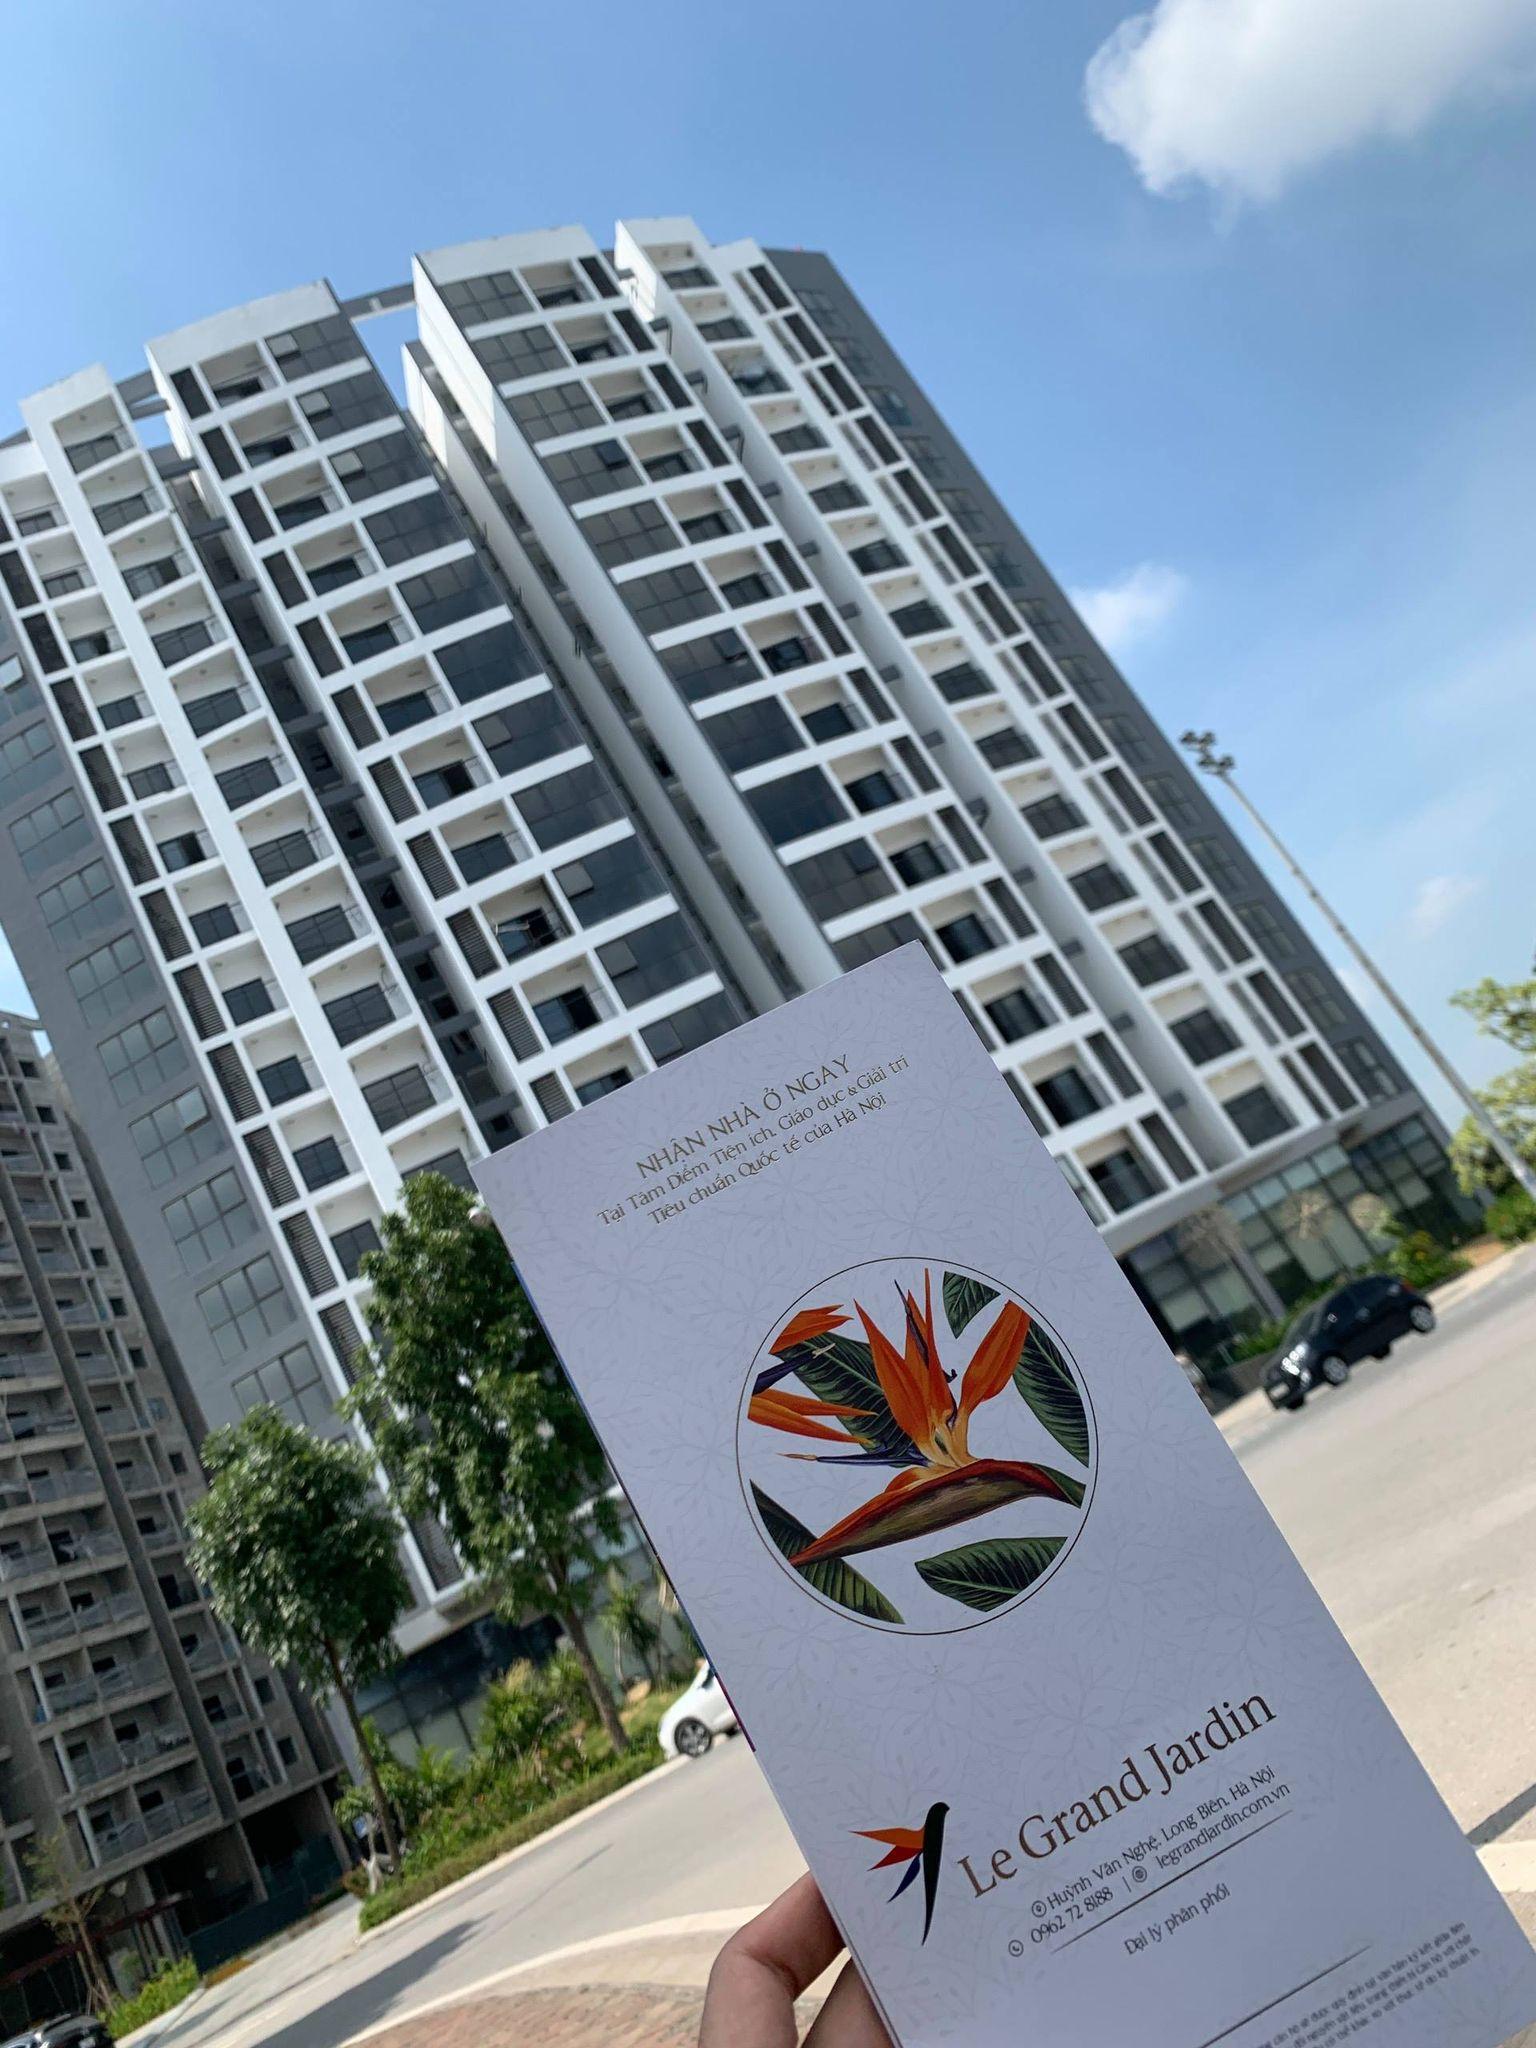 Cần bán Căn hộ chung cư dự án Le Grand Jardin Sài Đồng, Diện tích 97m², Giá 3.4 Tỷ - LH: 0369888680